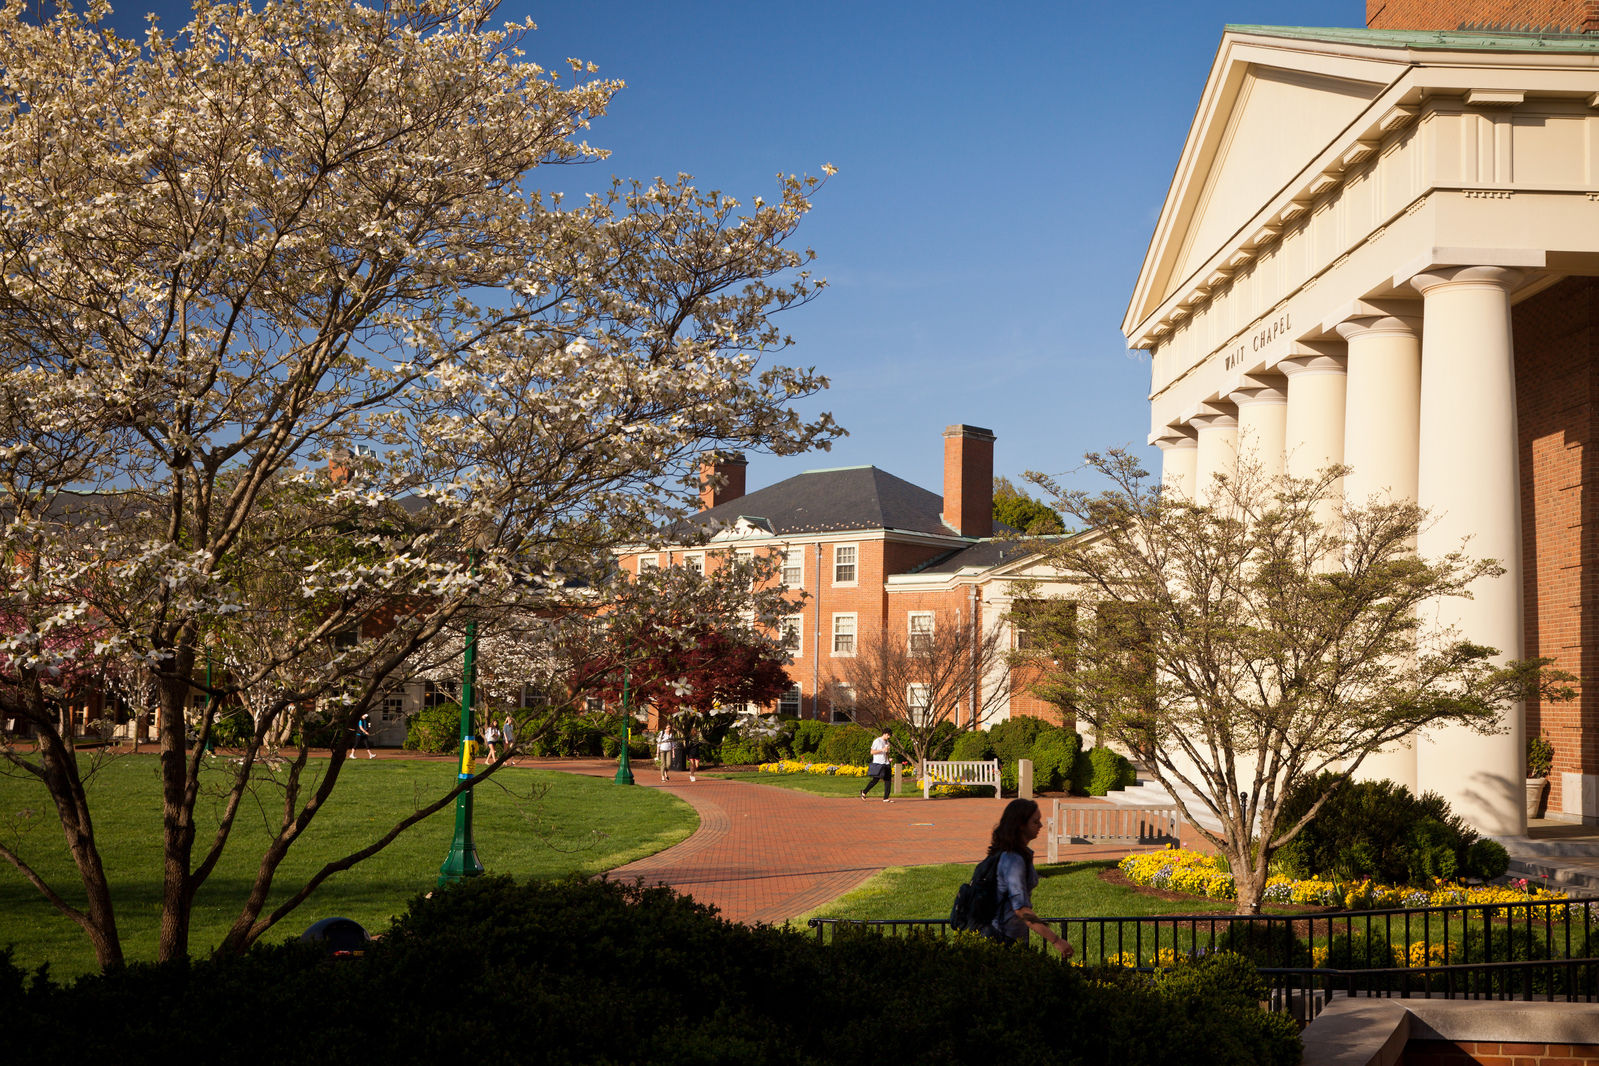 WFU維克森林大學 - 美國南方的貴族學校,實施小班制的精英教學